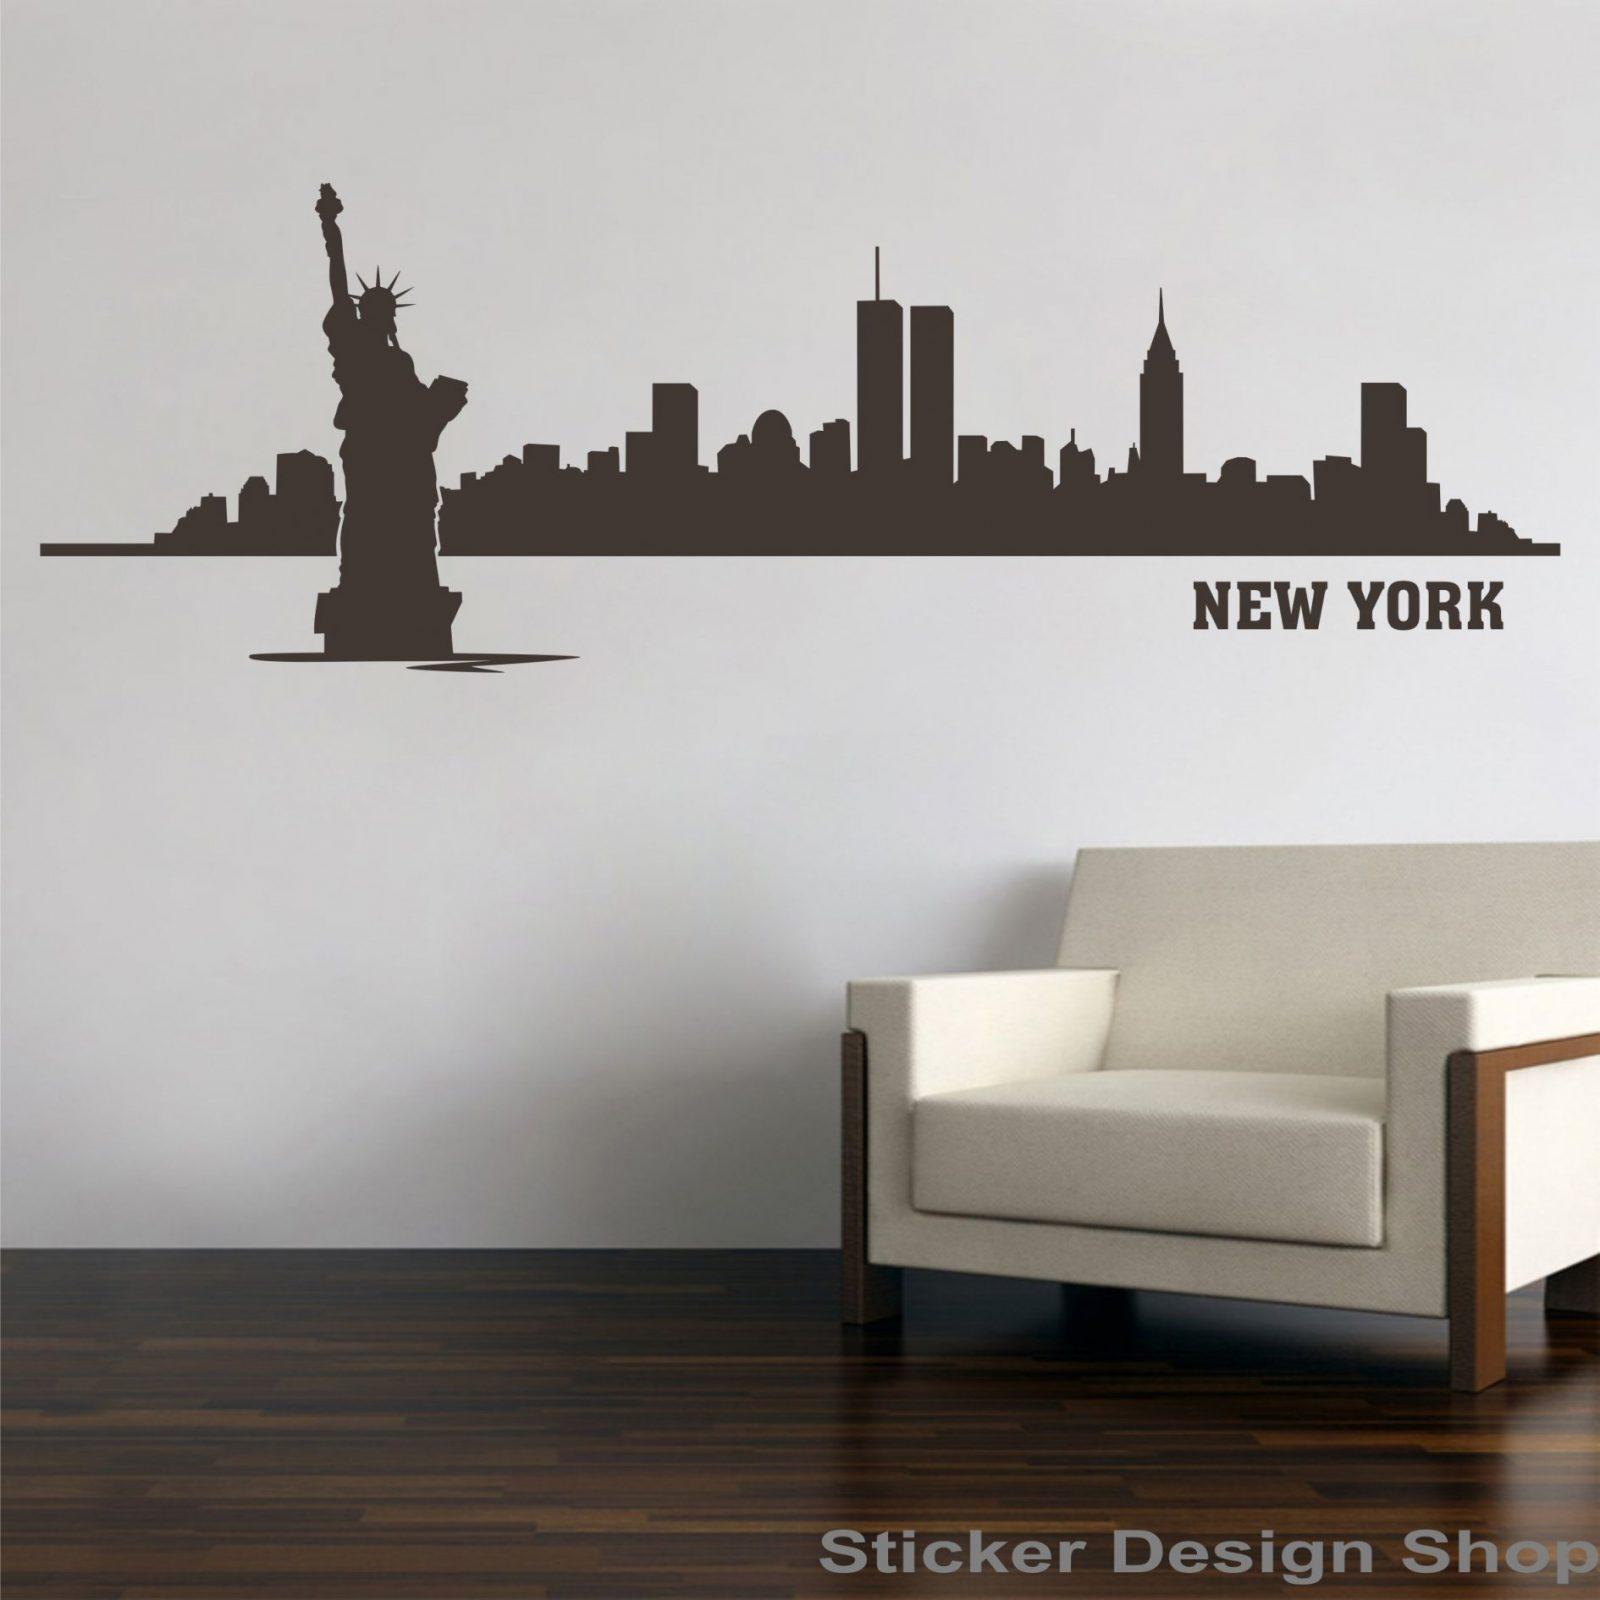 Sticker Design Shop  New York City Skyline Freiheitsstatue von Skyline New York Wandtattoo Photo